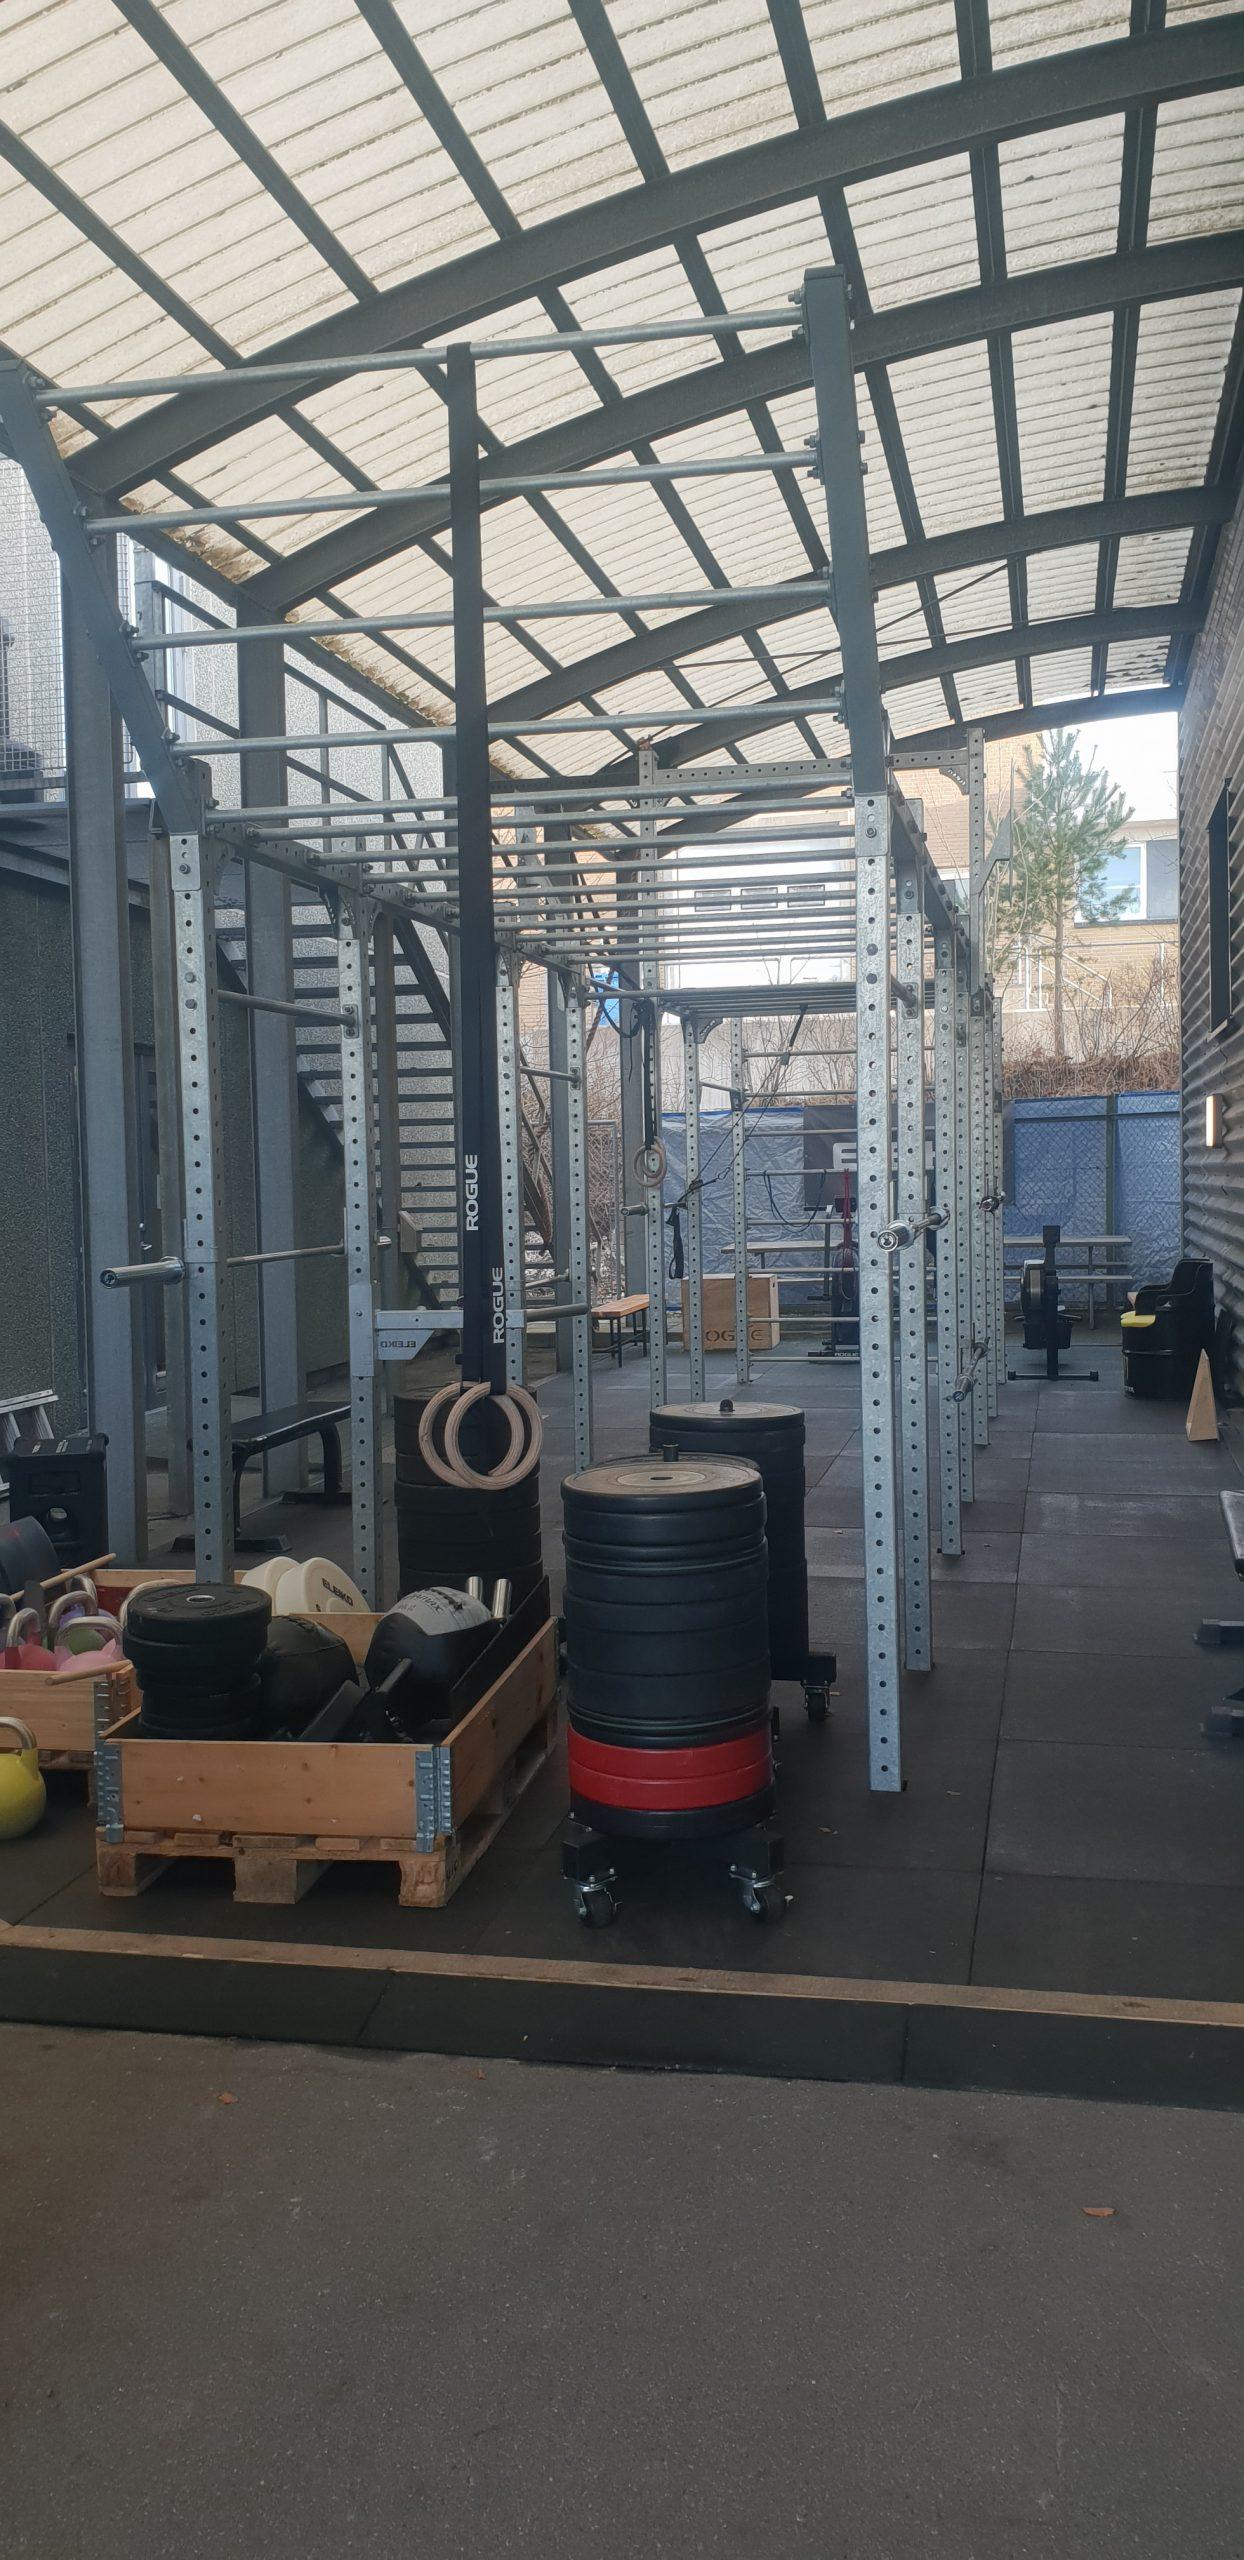 Kæmpe succes med udendørstræning: Thorøs Gym åbner nu for flere medlemmer